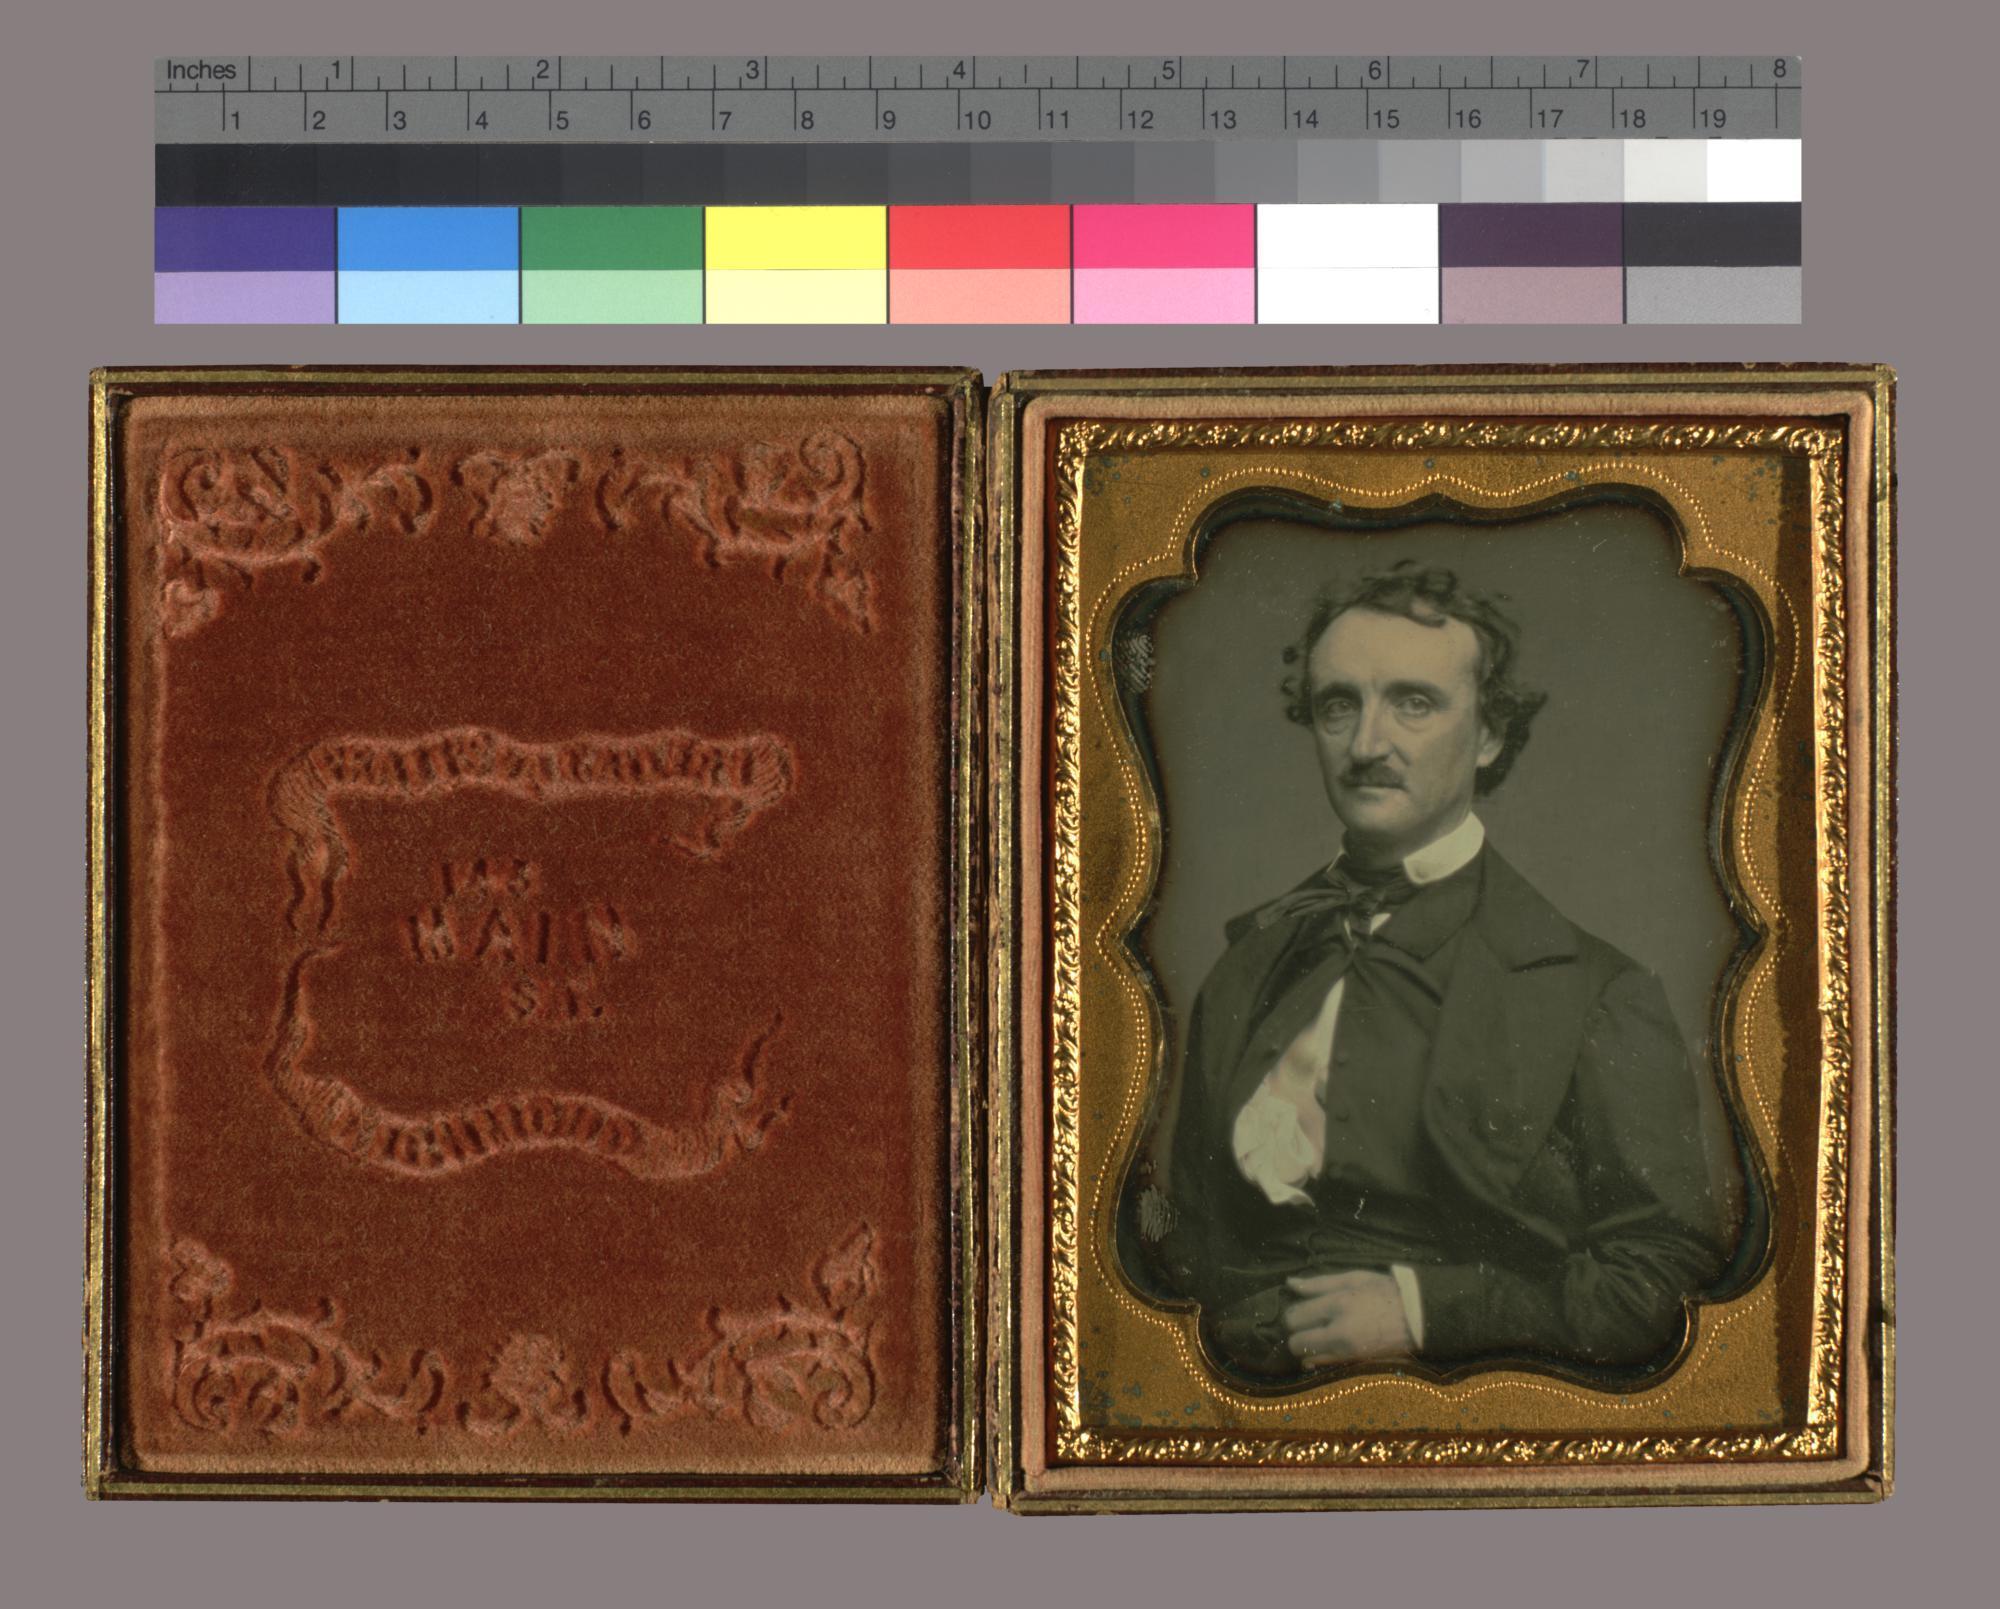 Daguerreotype portrait of Edgar Allan Poe